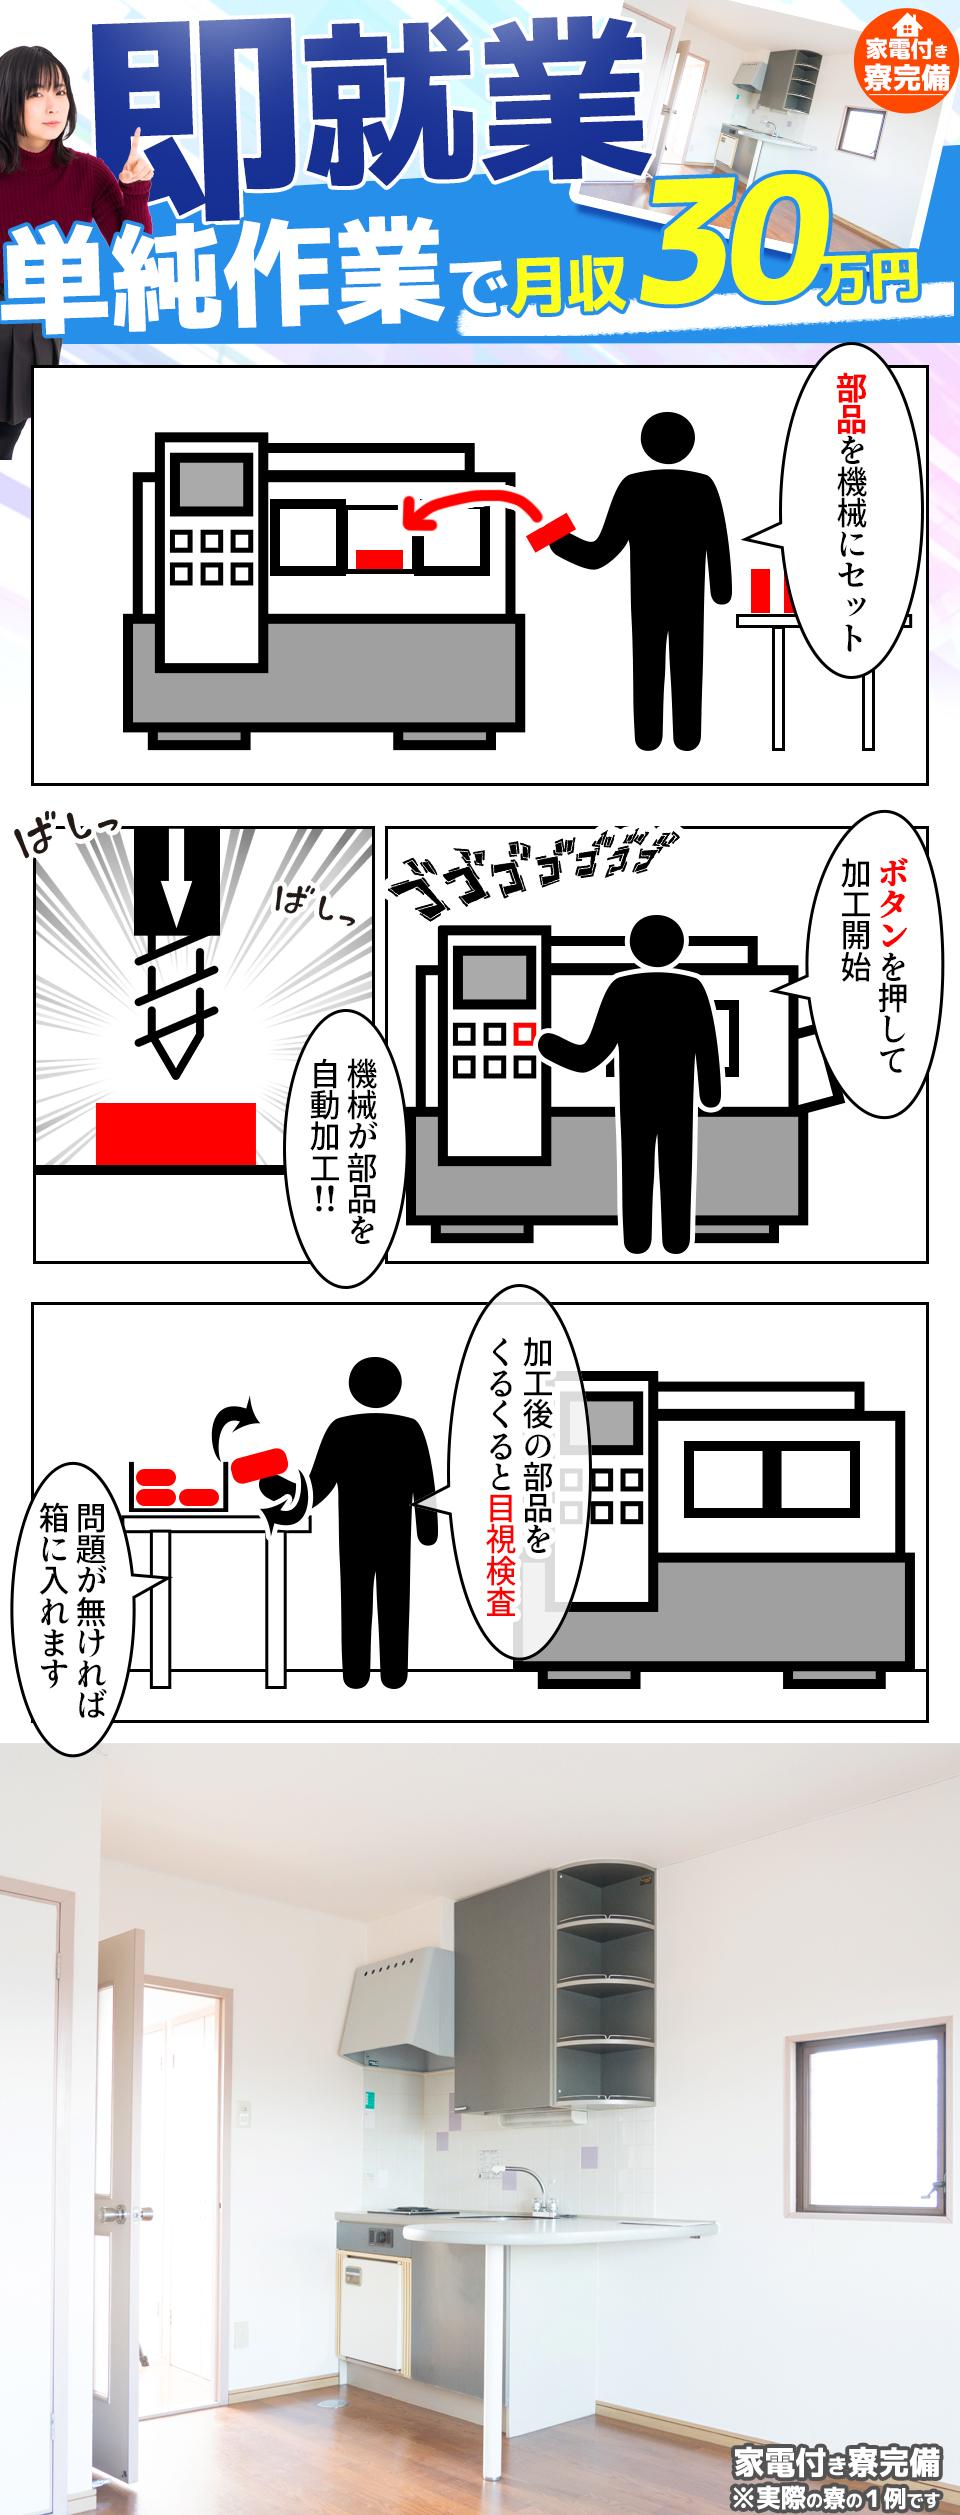 加工検査 愛知県西尾市の派遣社員求人